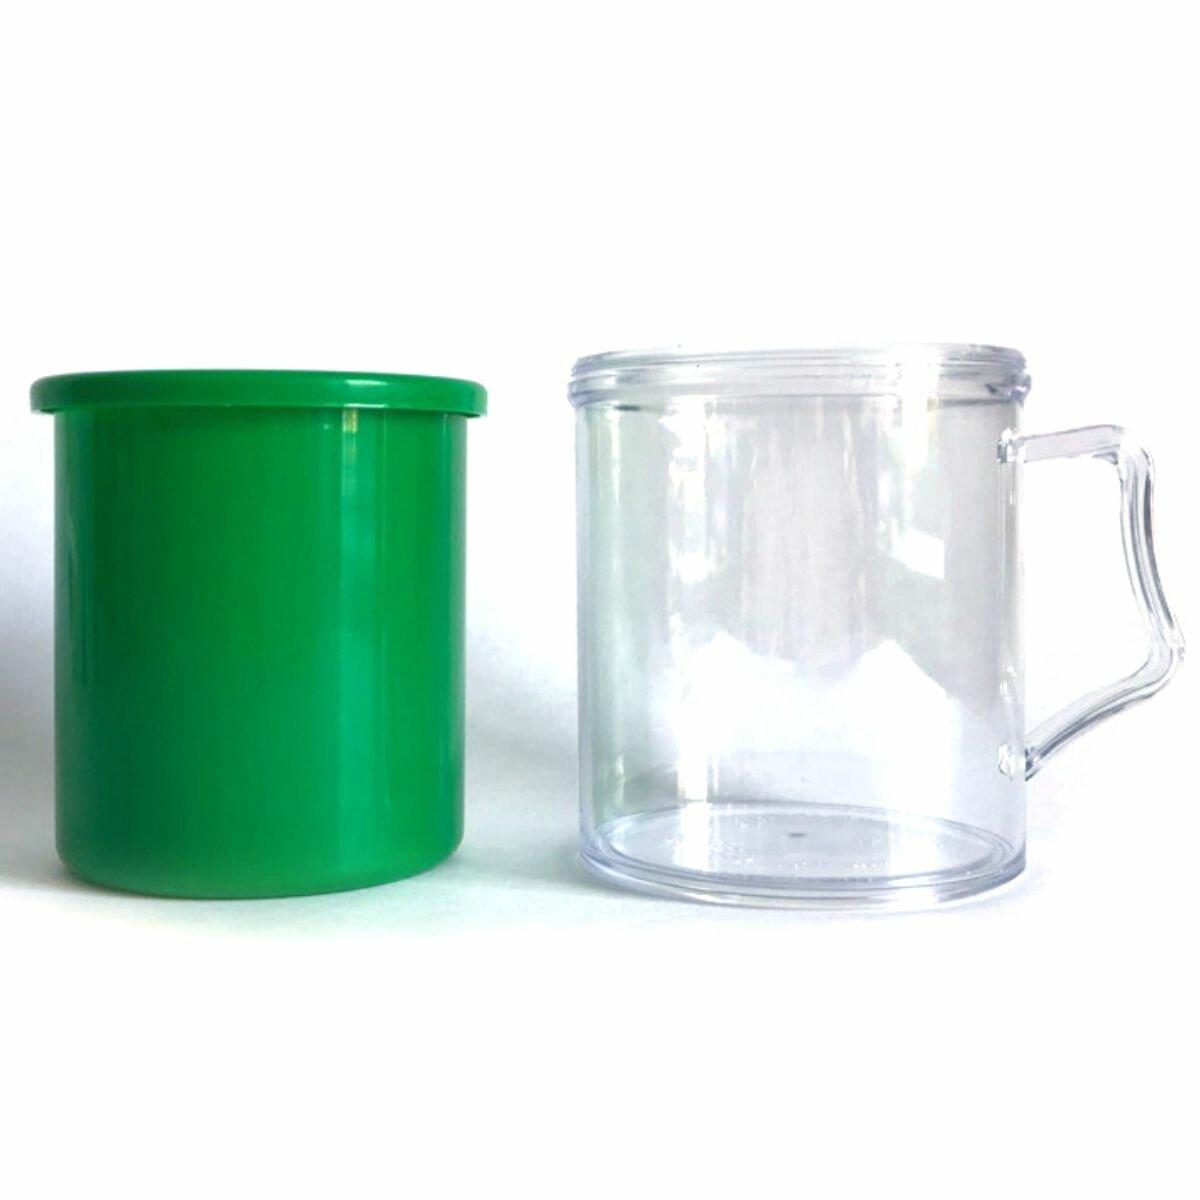 Заготовки пластиковых кружек под полиграфическую вставку АК2 (Зеленый, 40 шт.)